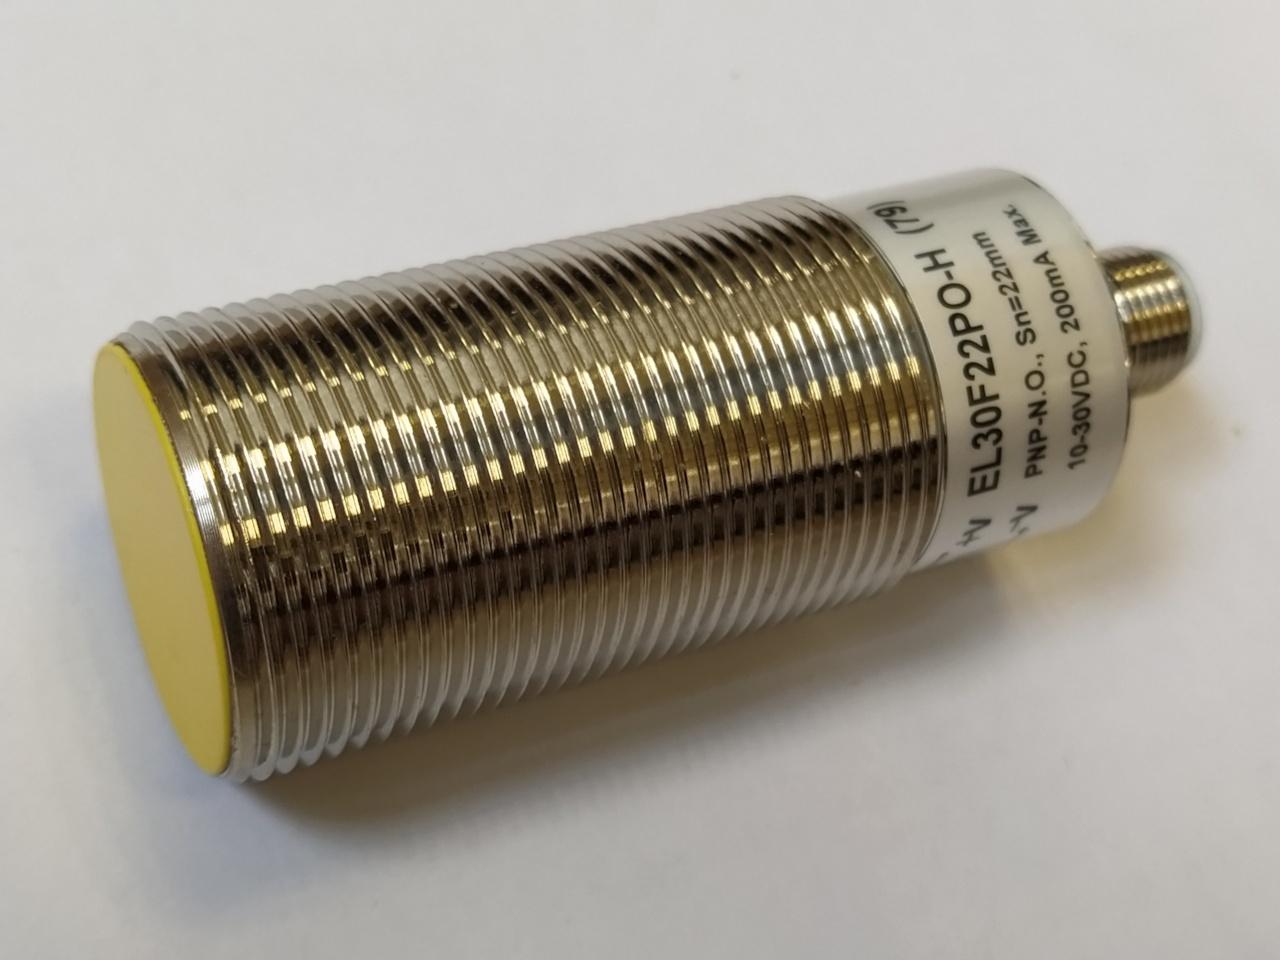 EL30F22PO-H (79) – czujnik indukcyjny M30, Sn=22mm, PNP NO, konektor M12, długość 79mm, Indual EcoLine